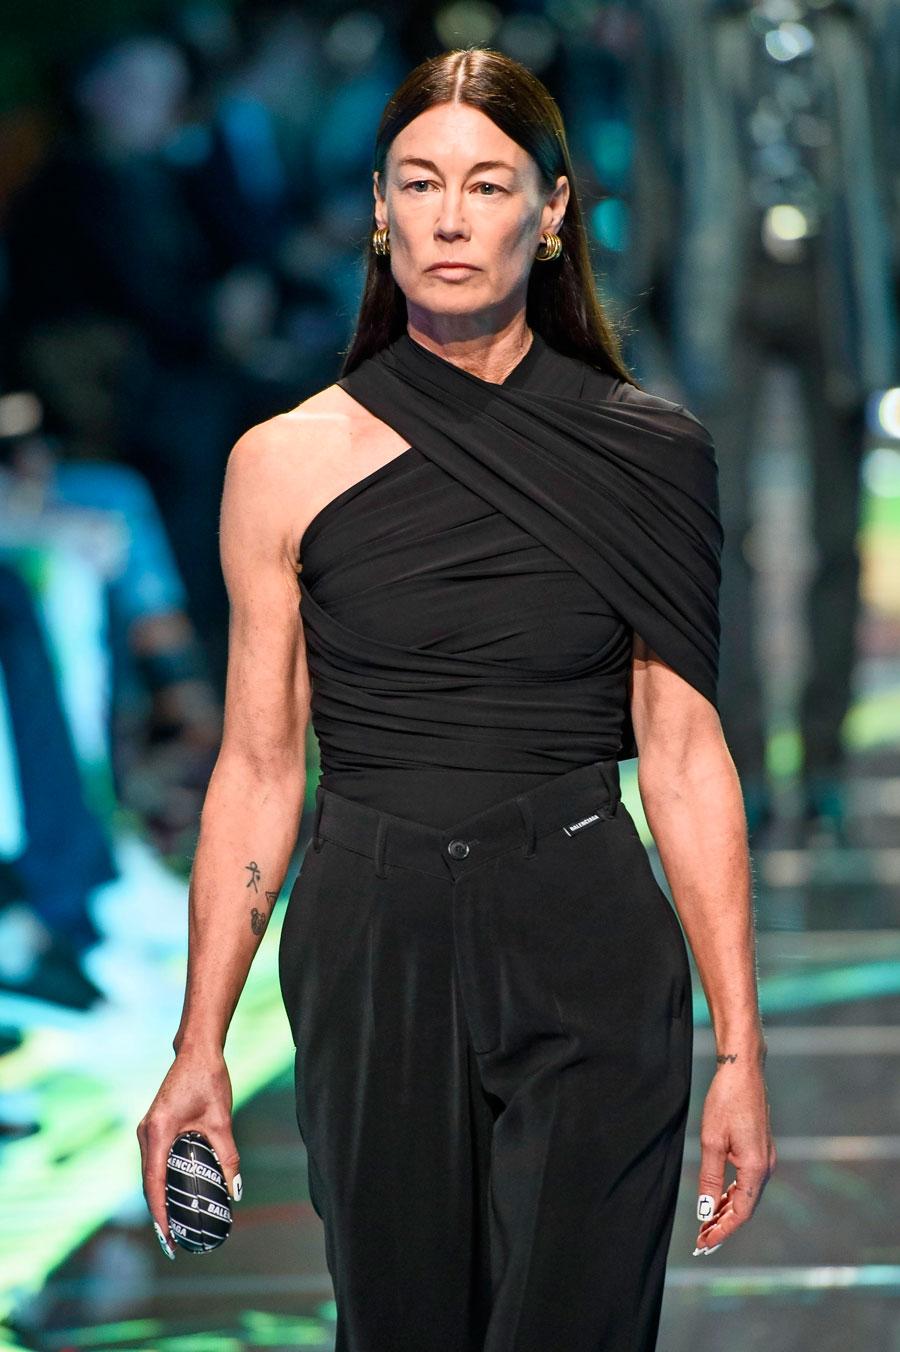 a025c2ae3c8f Ursula Wångander på catwalken då Balenciaga visade sin vår- och  sommarkollektion för 2019. Så härligt att vi kvinnor över 40 får ta den  platsen!